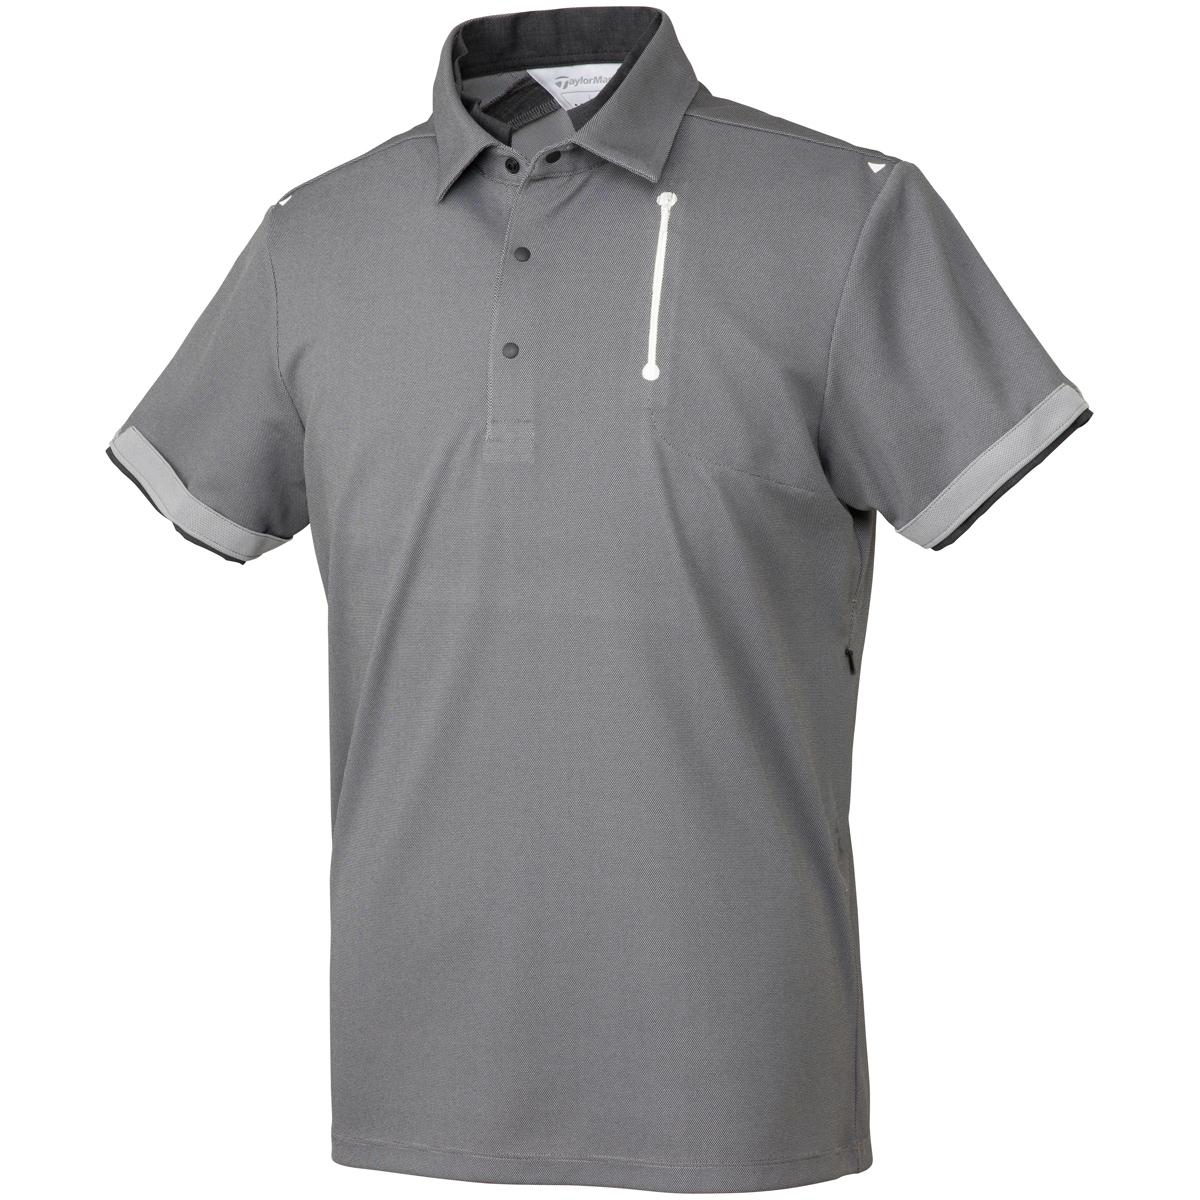 テイラード ベンチレーション半袖ポロシャツ